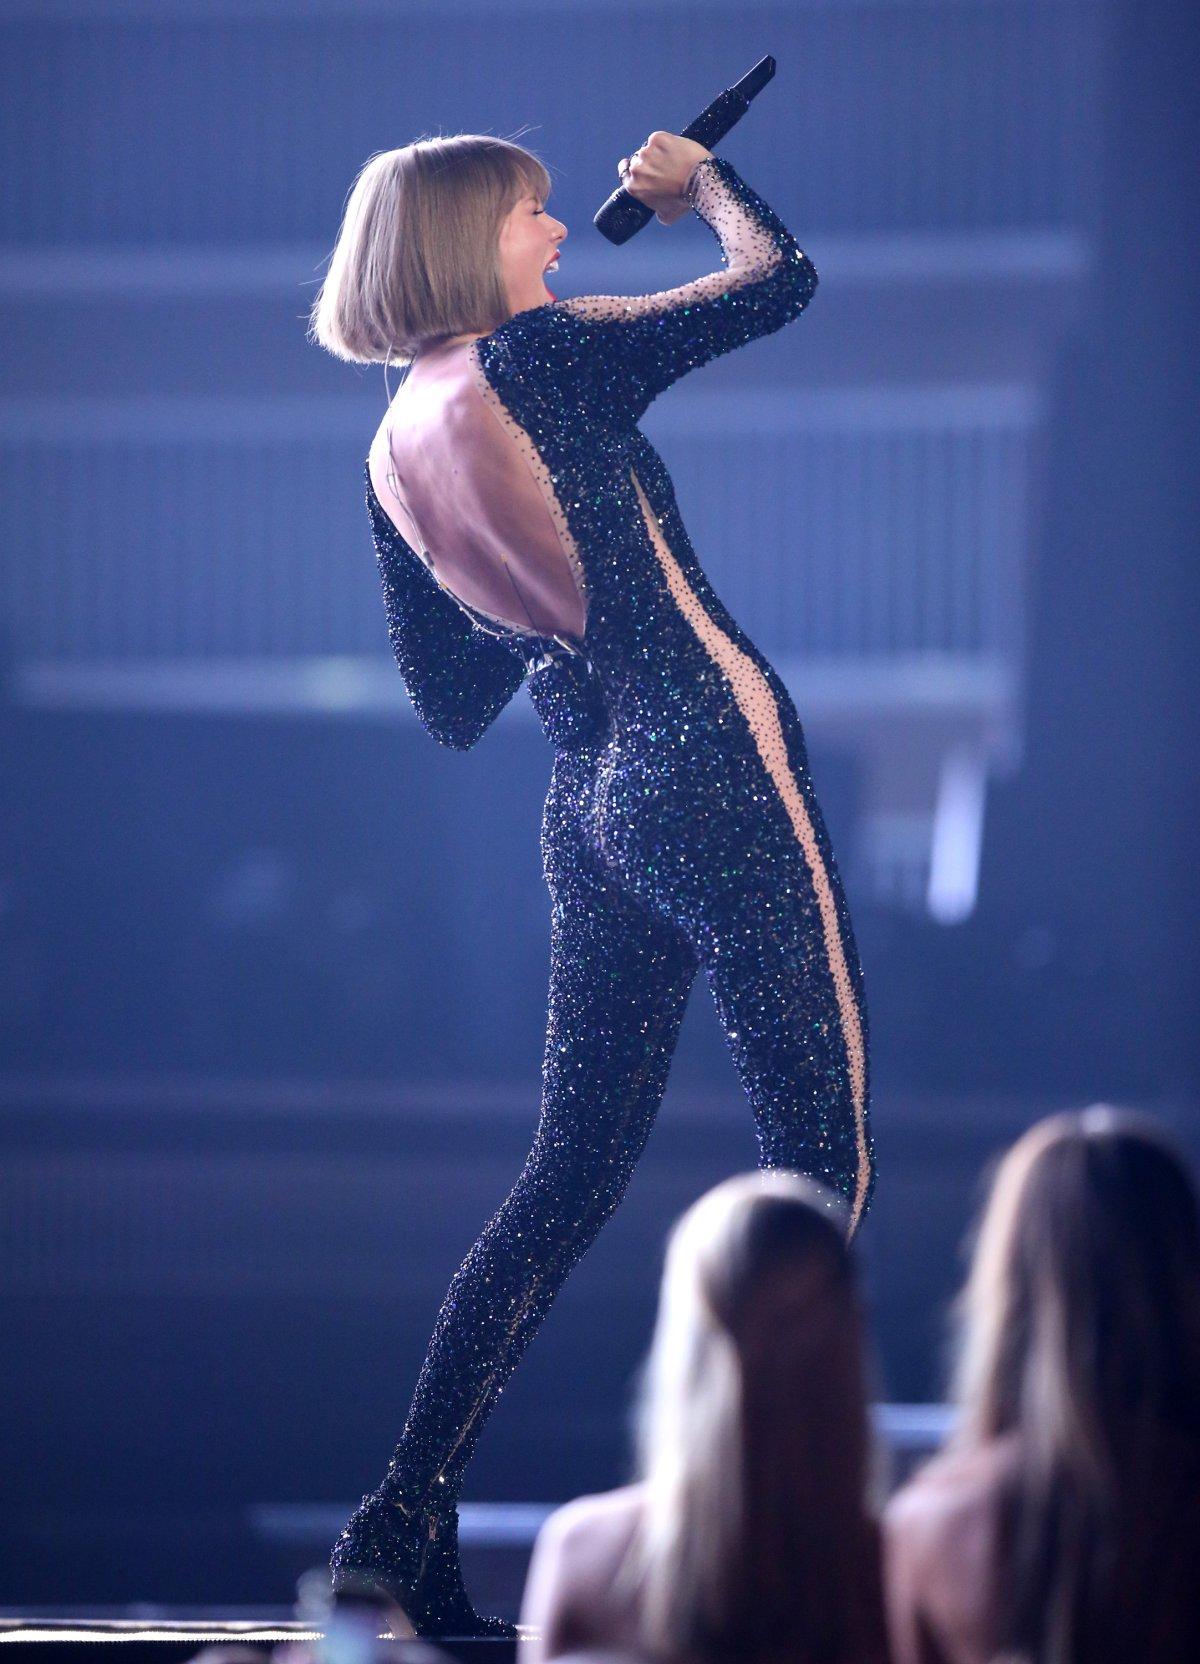 La transformación del trasero de Taylor Swift